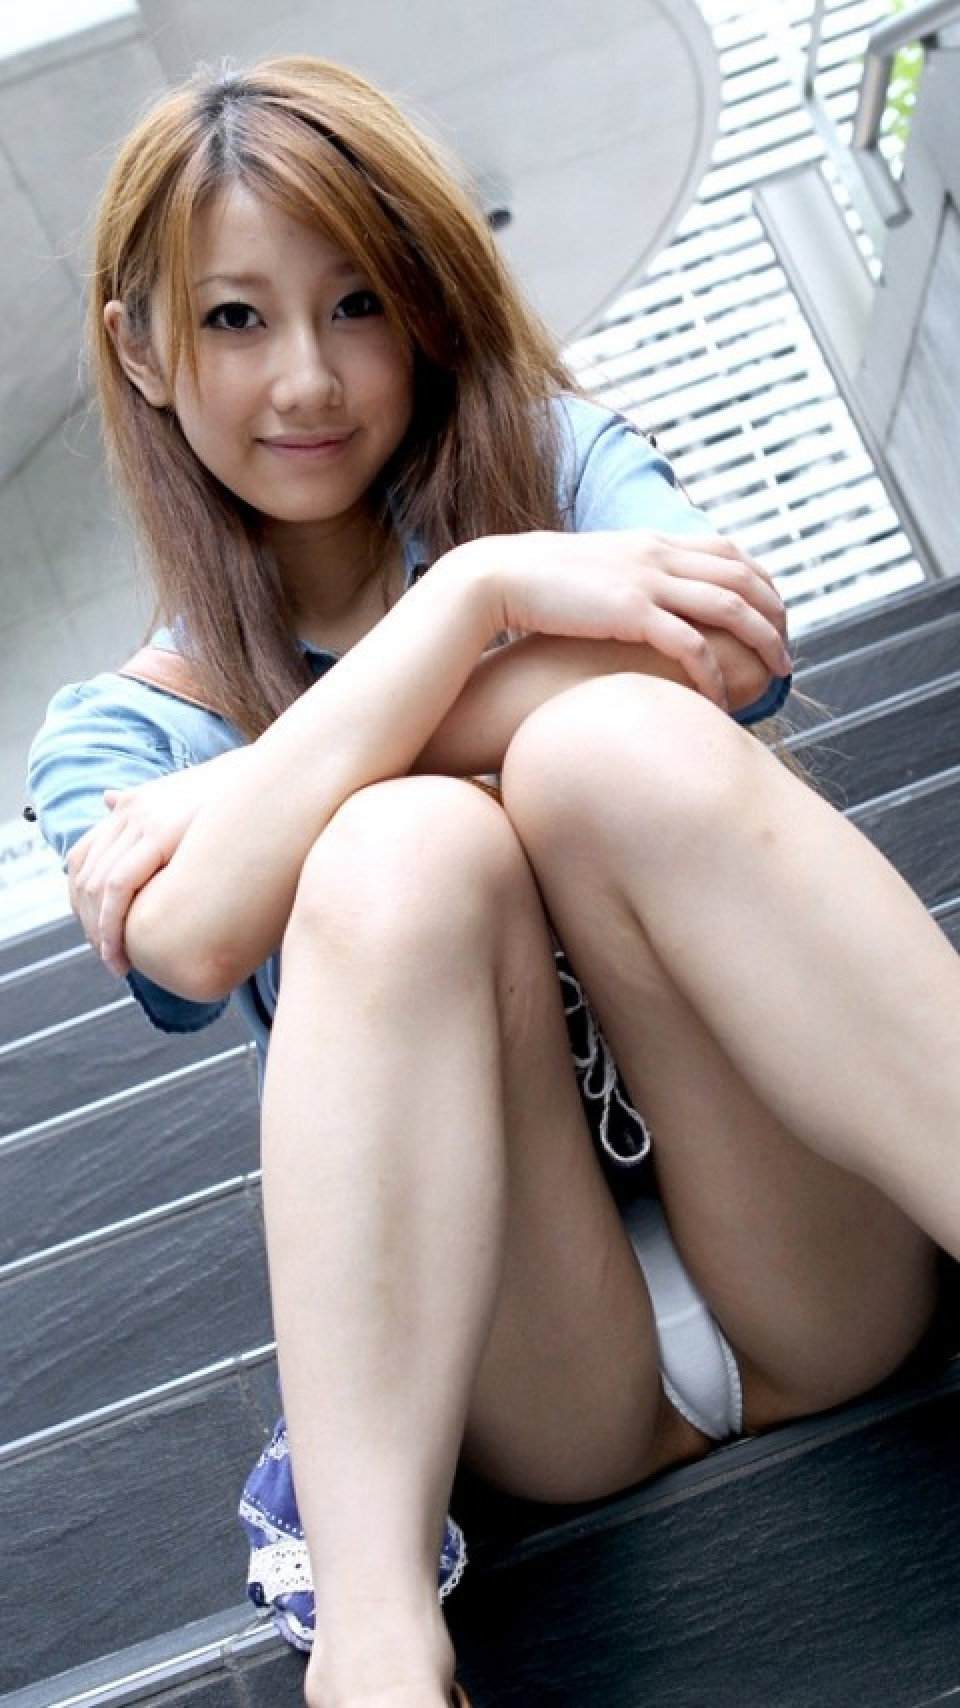 【女の局部エロ画像】陰毛や土手のせいでこんもり膨らんだ女子の股間が卑猥すぎwww  05